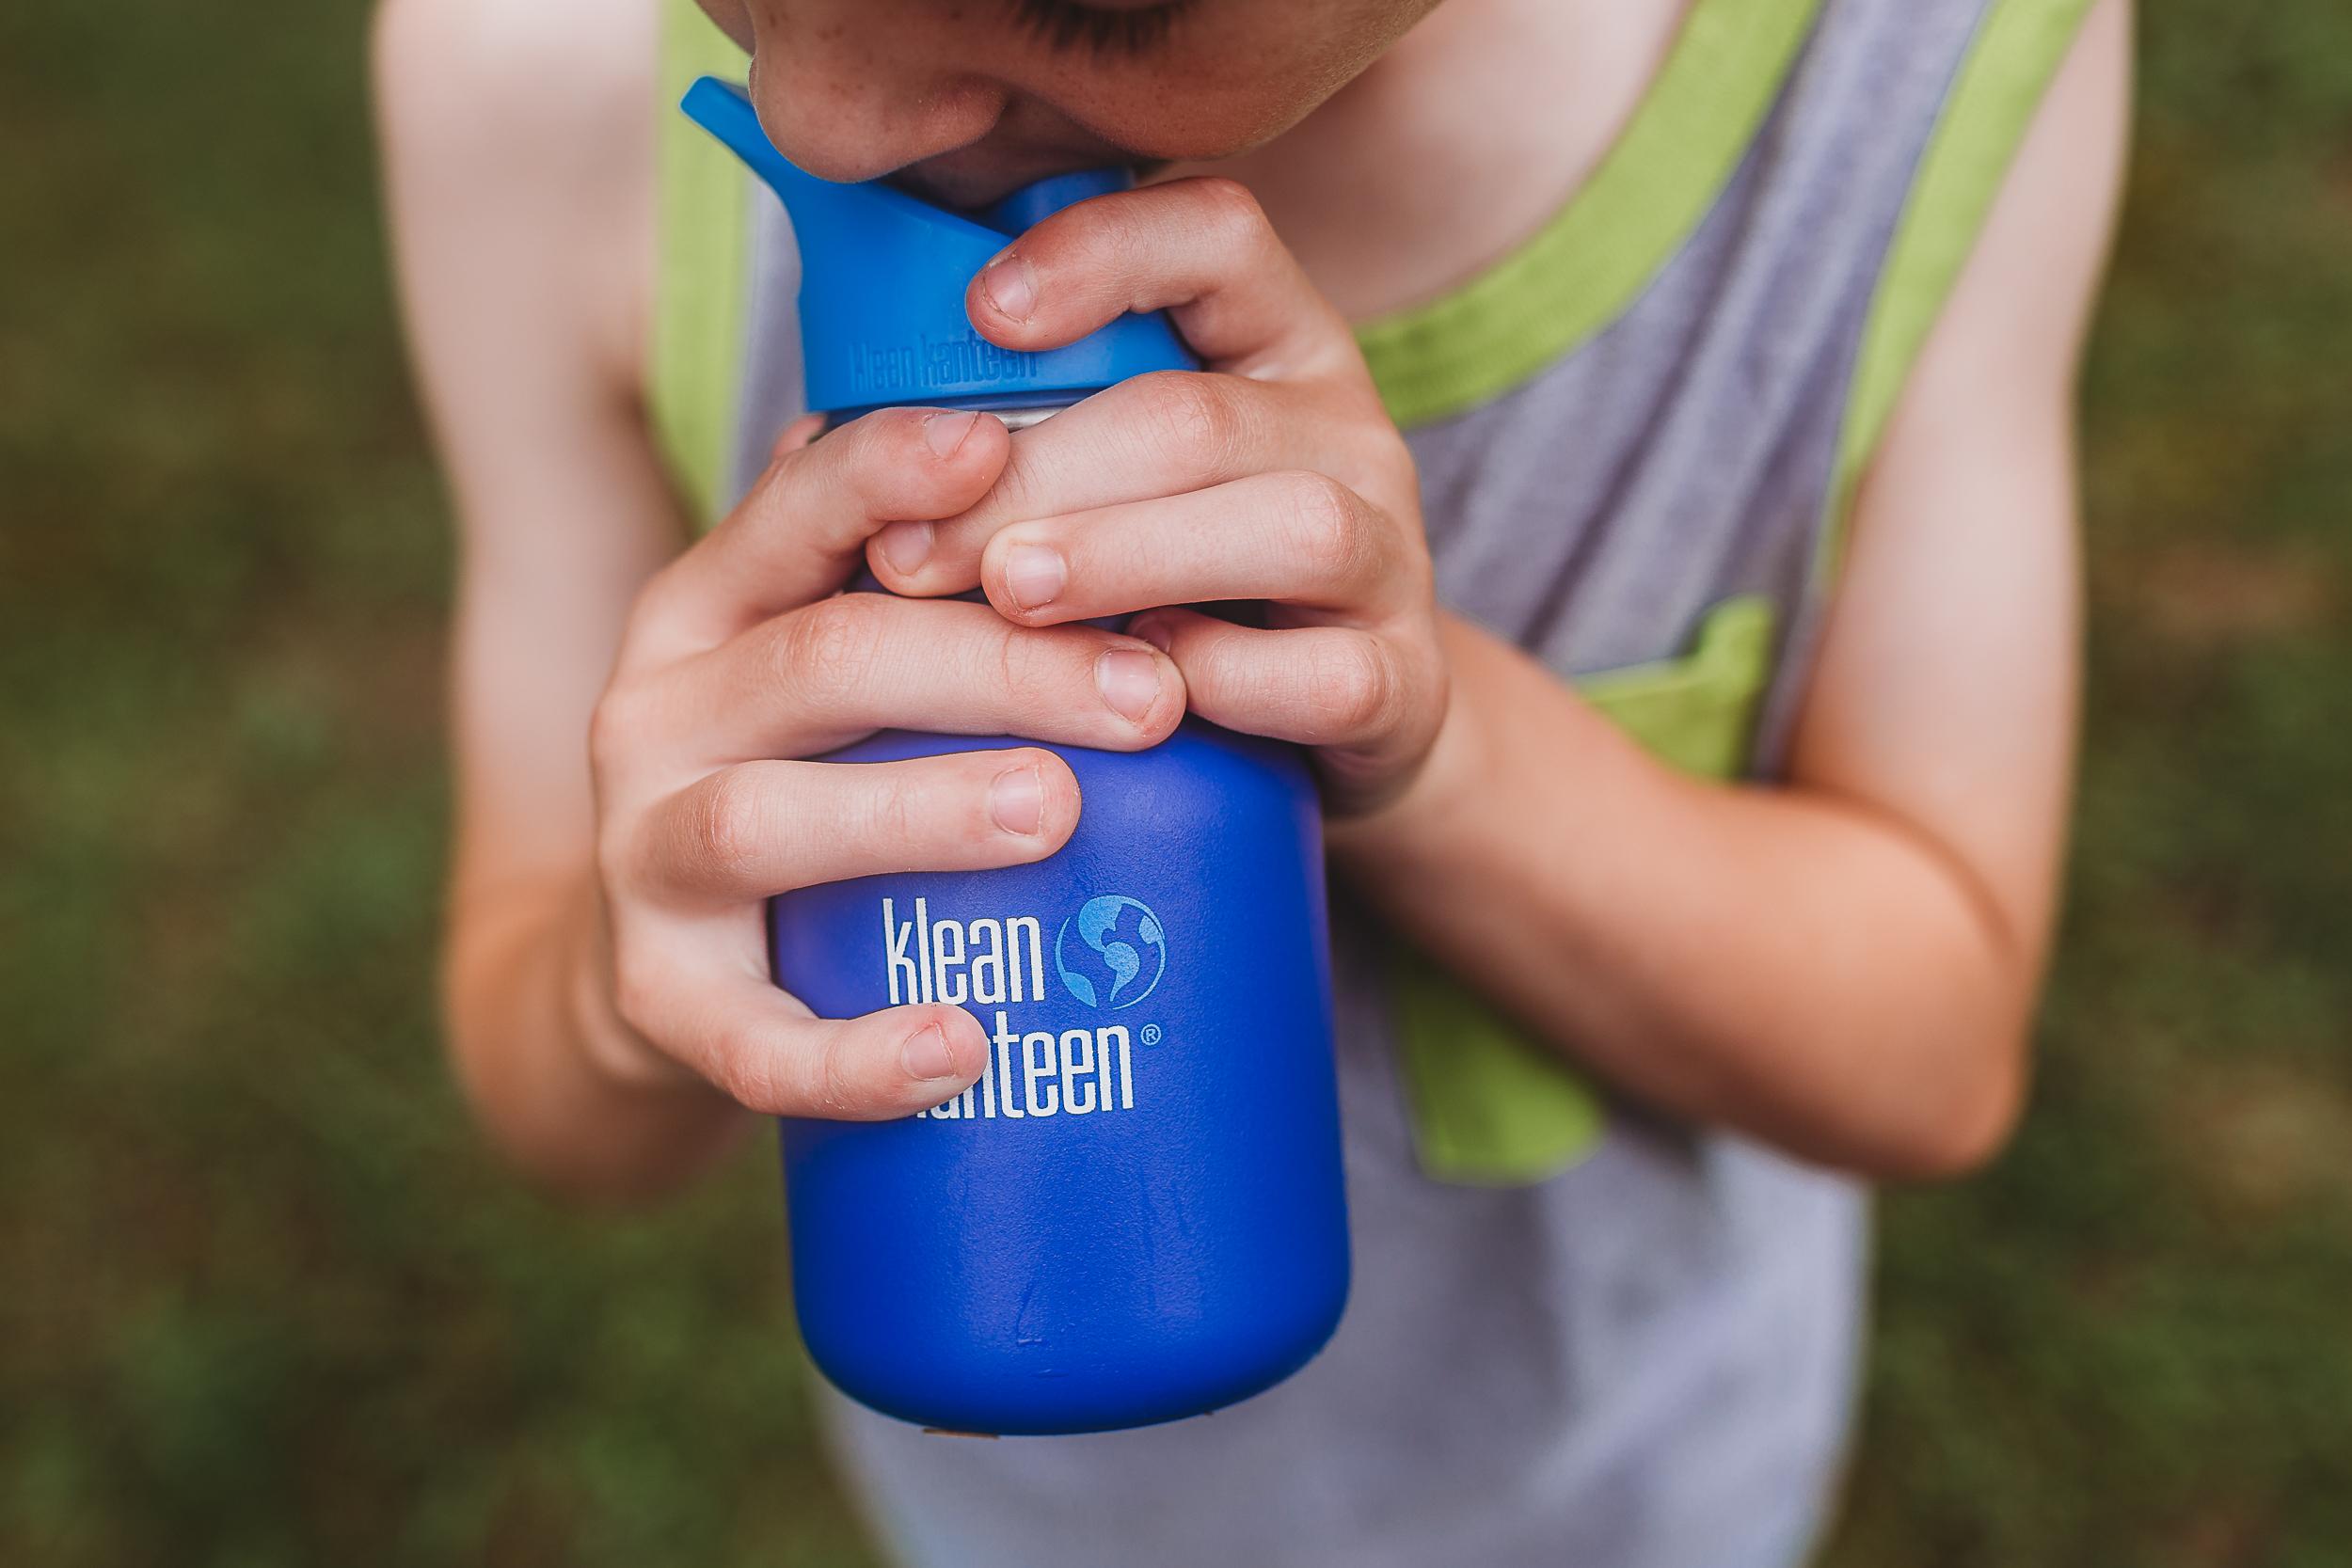 Klean Kanteen Eco-Friendly Water Bottle in Blue